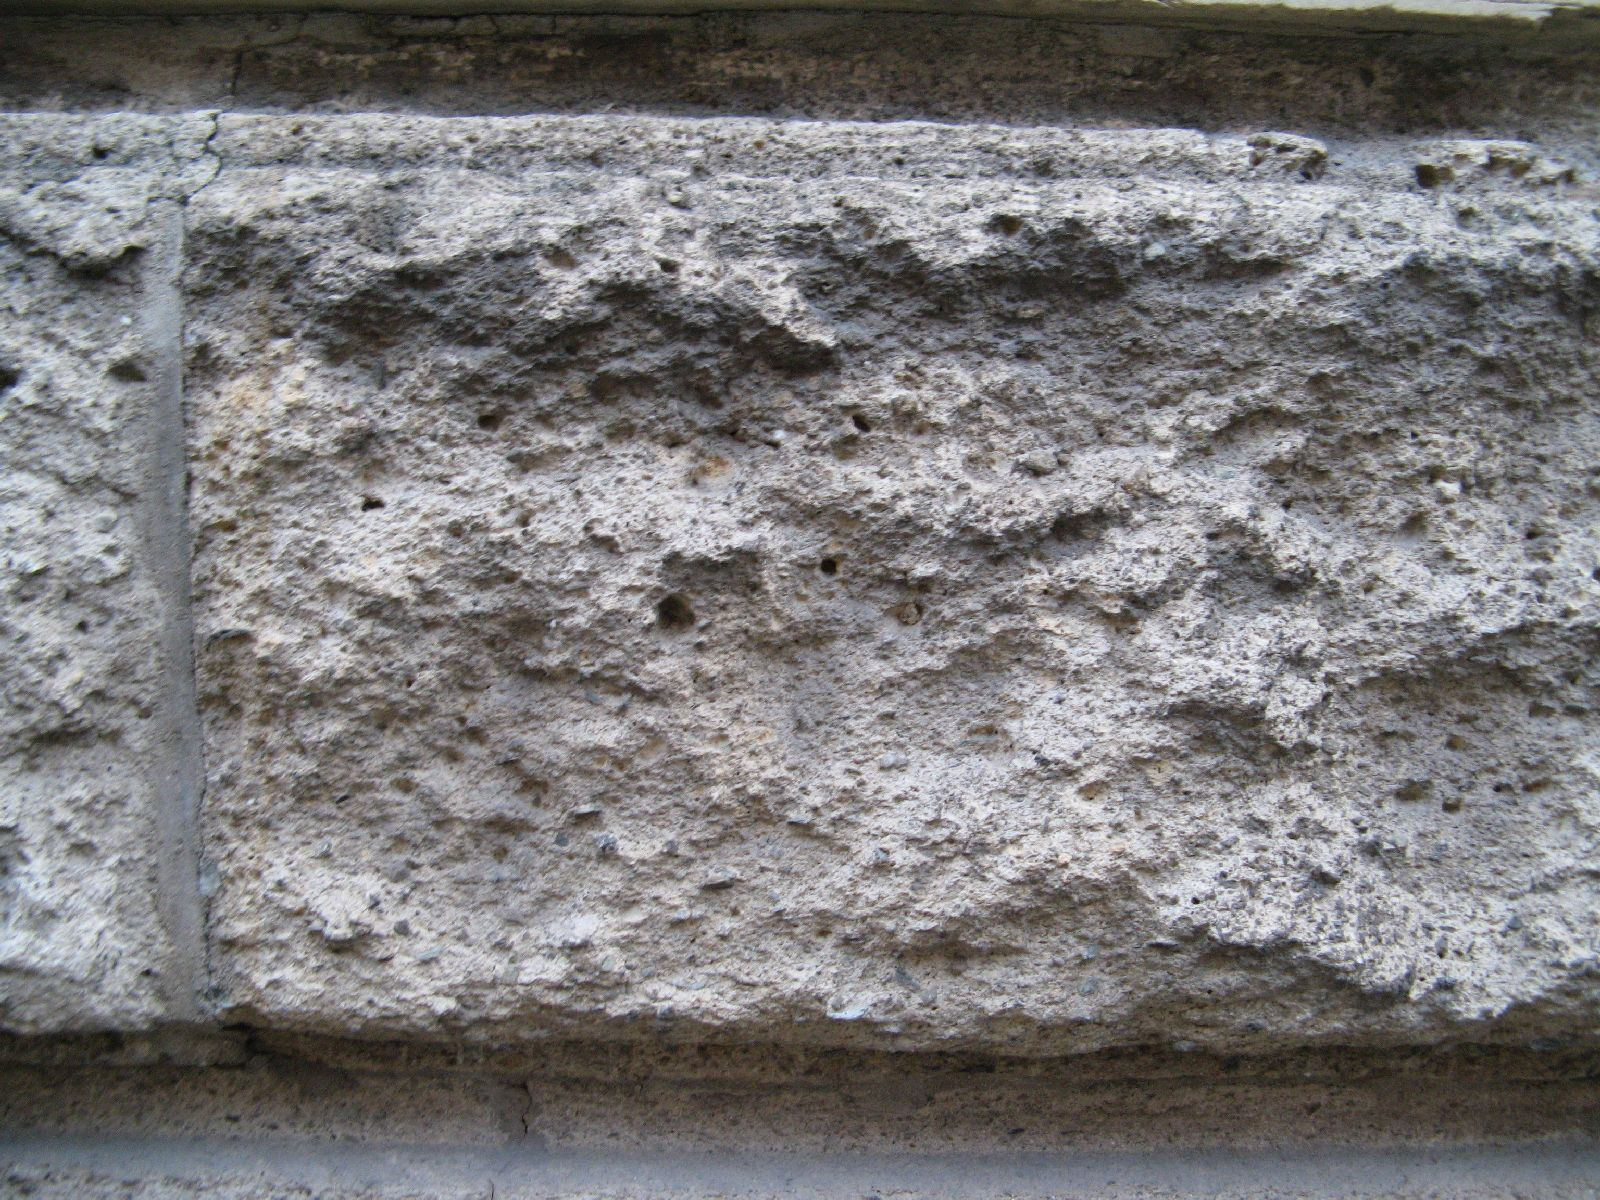 Wand-Steinbloecke-Quader_Textur_B_0835